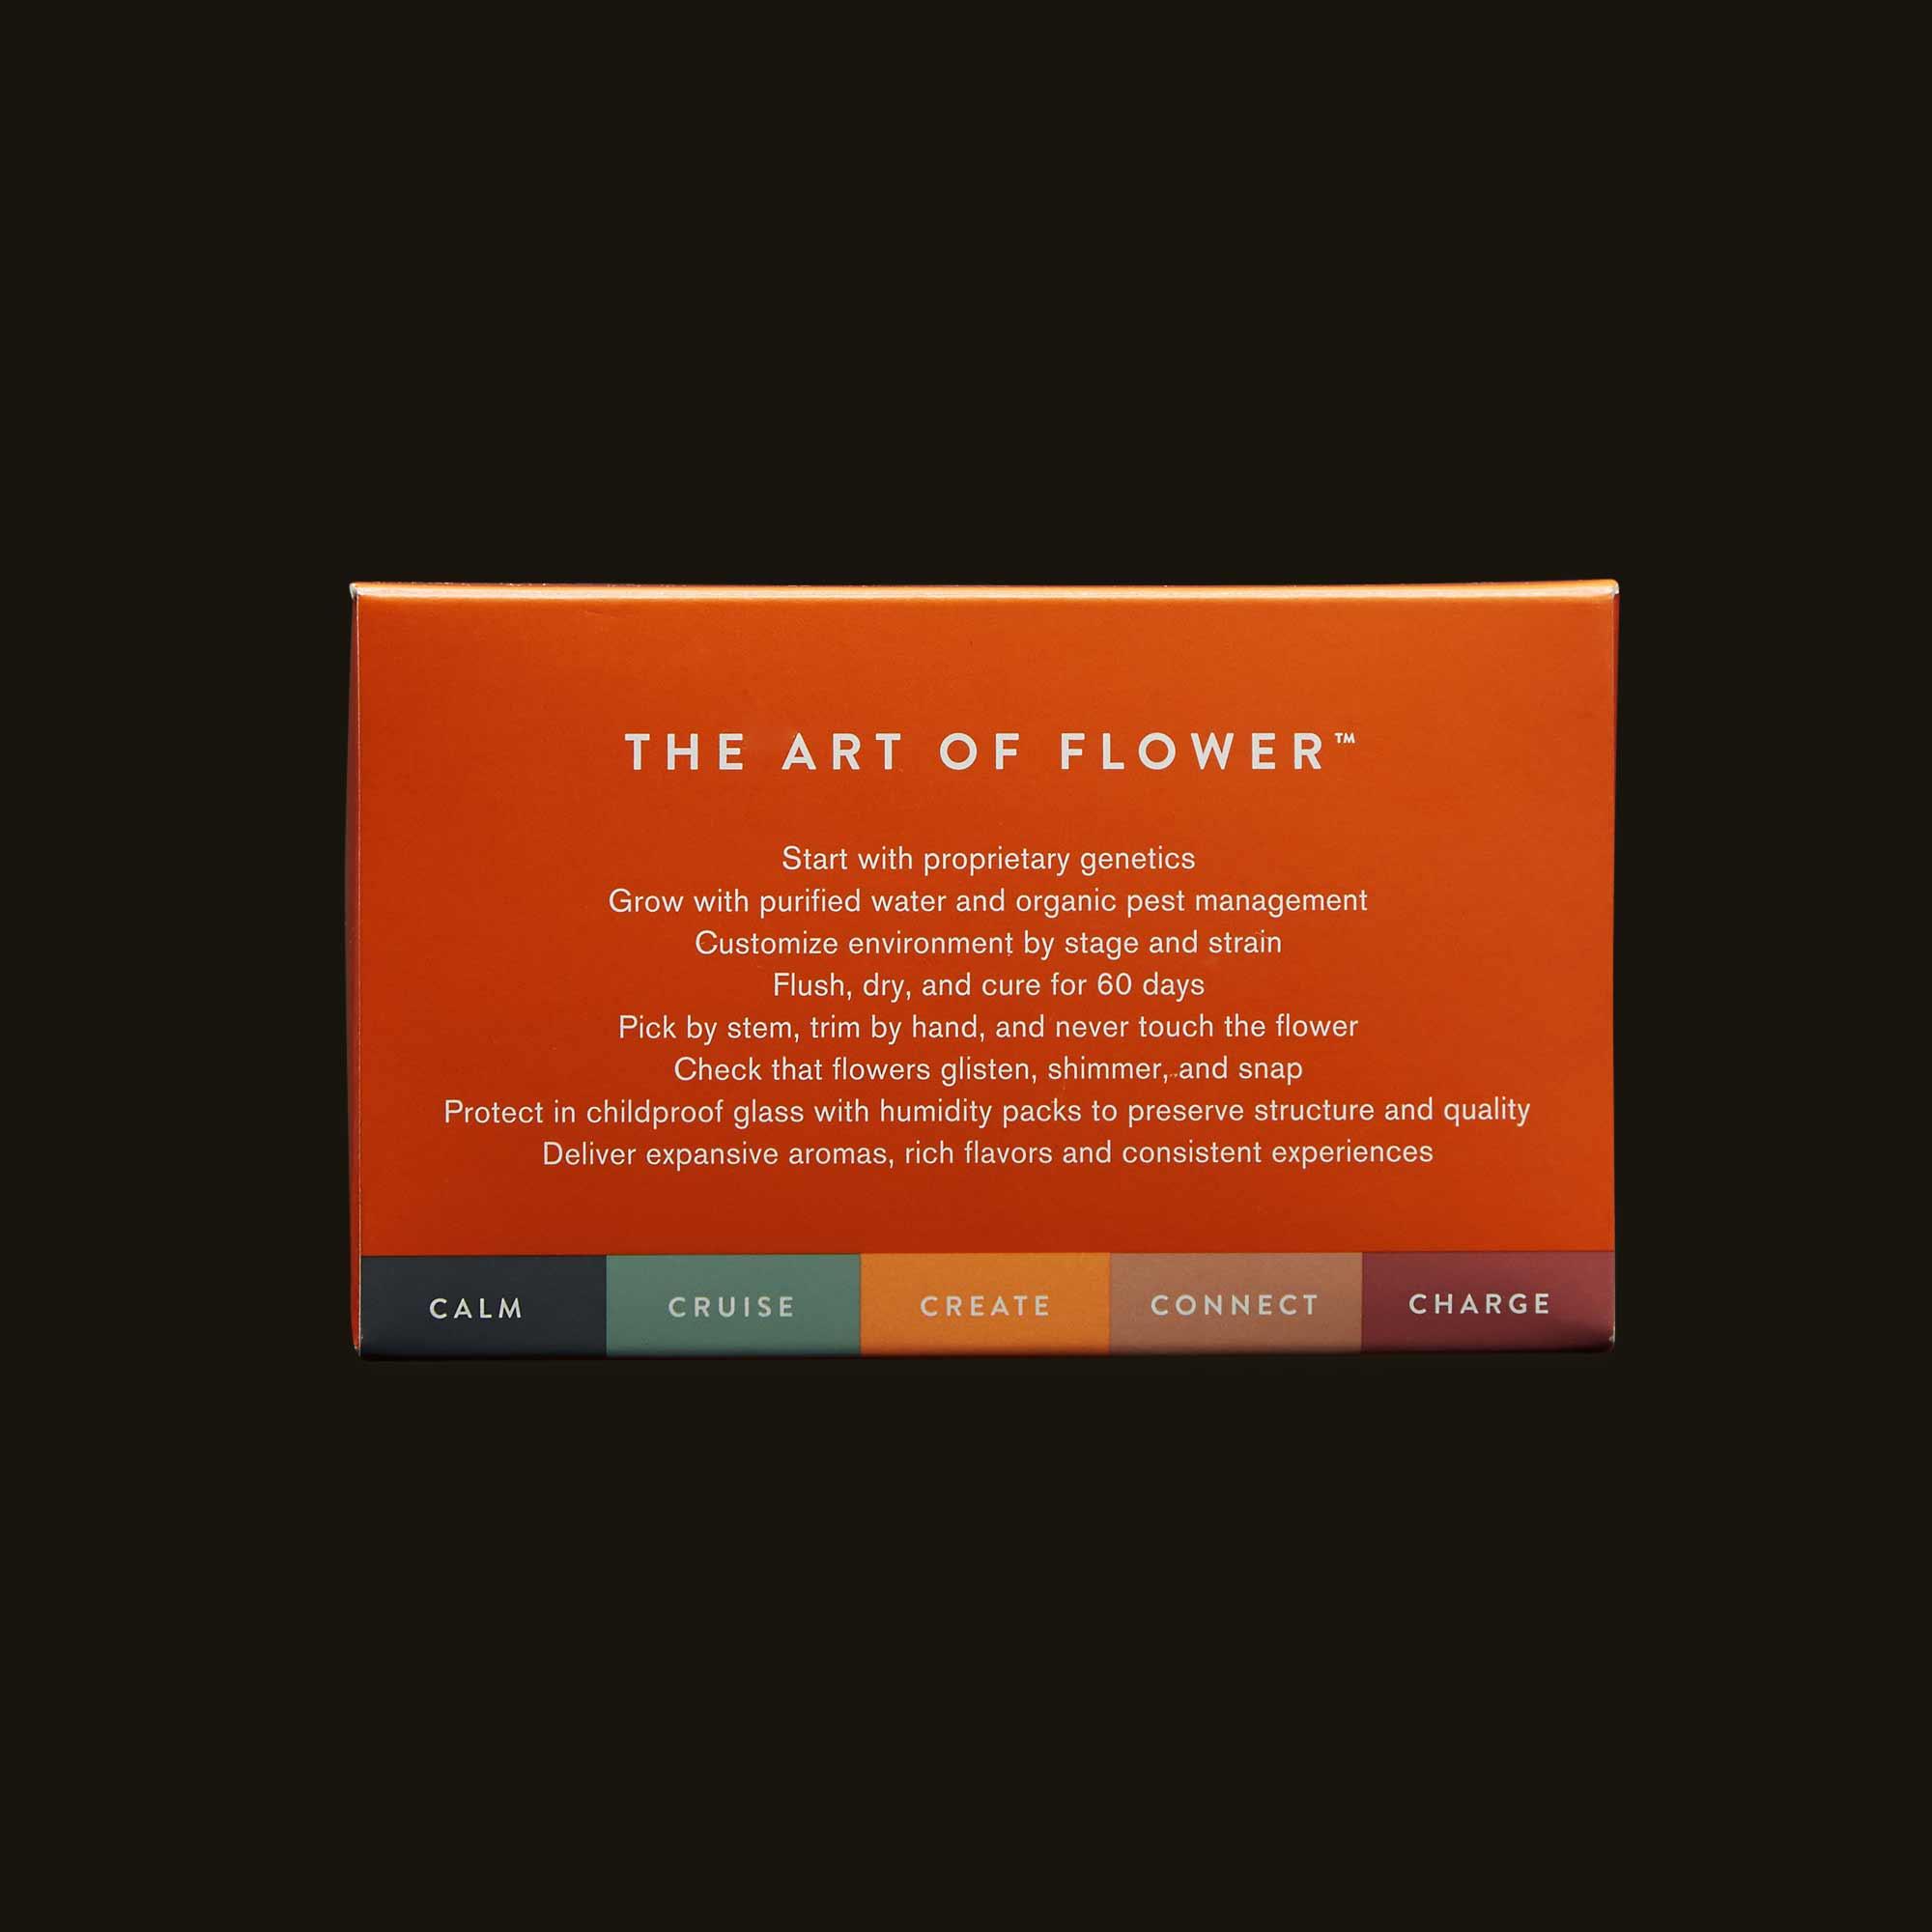 The Art of Flower